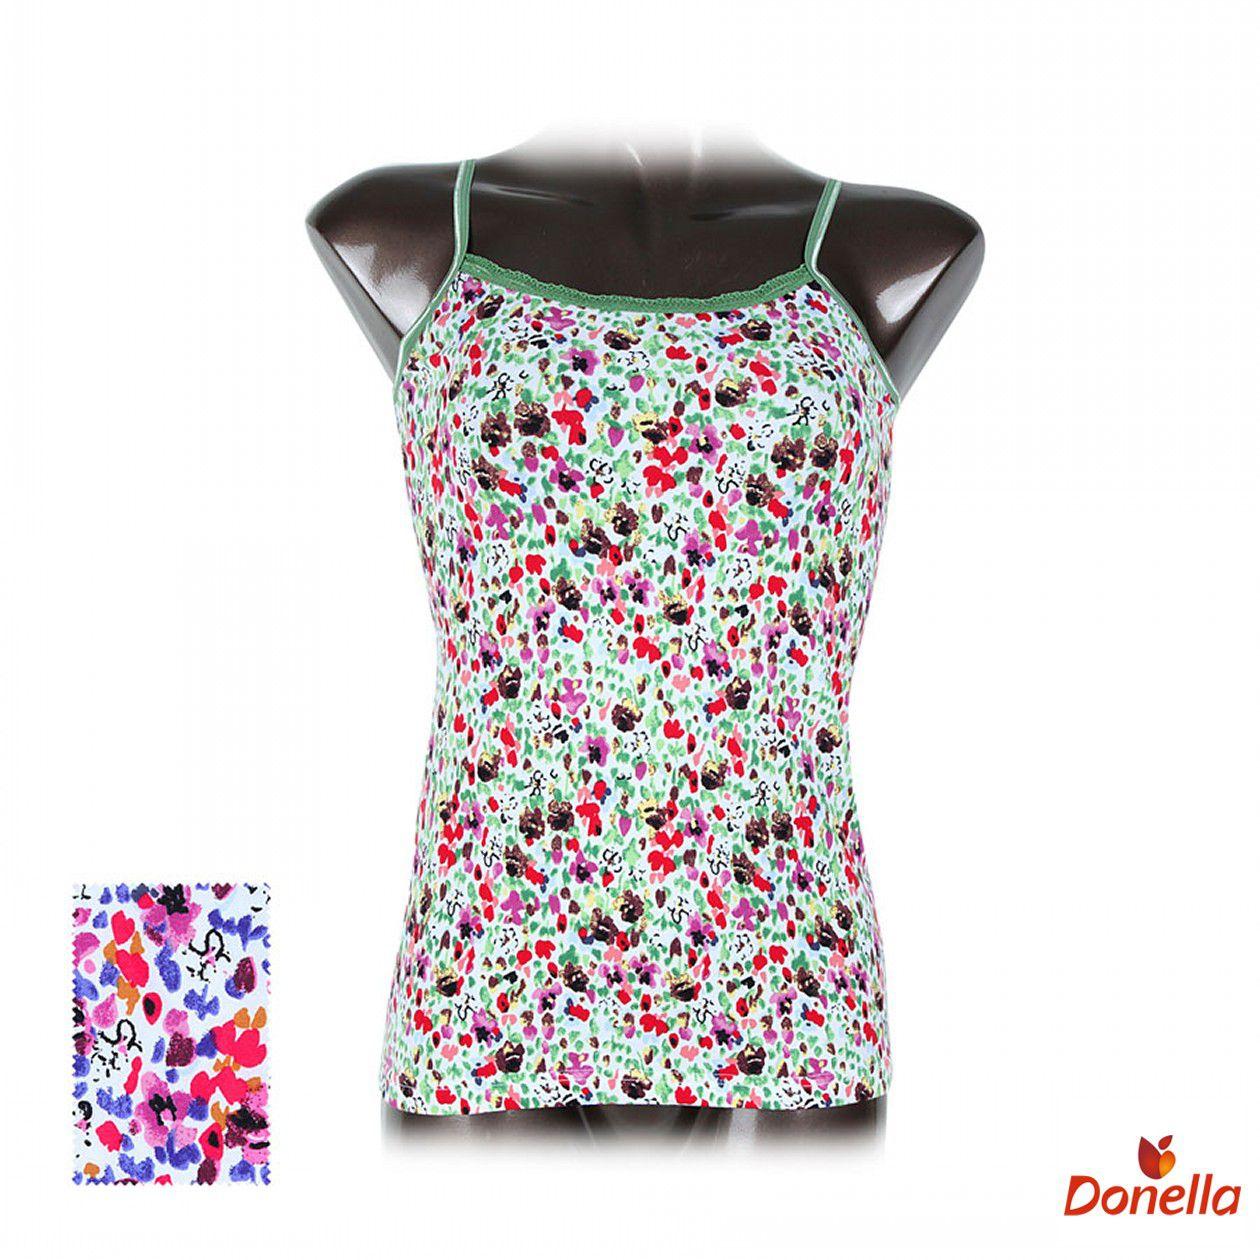 DONELLA İÇ GİYİM | LARA TEKSTIL Collection Underwear 2014